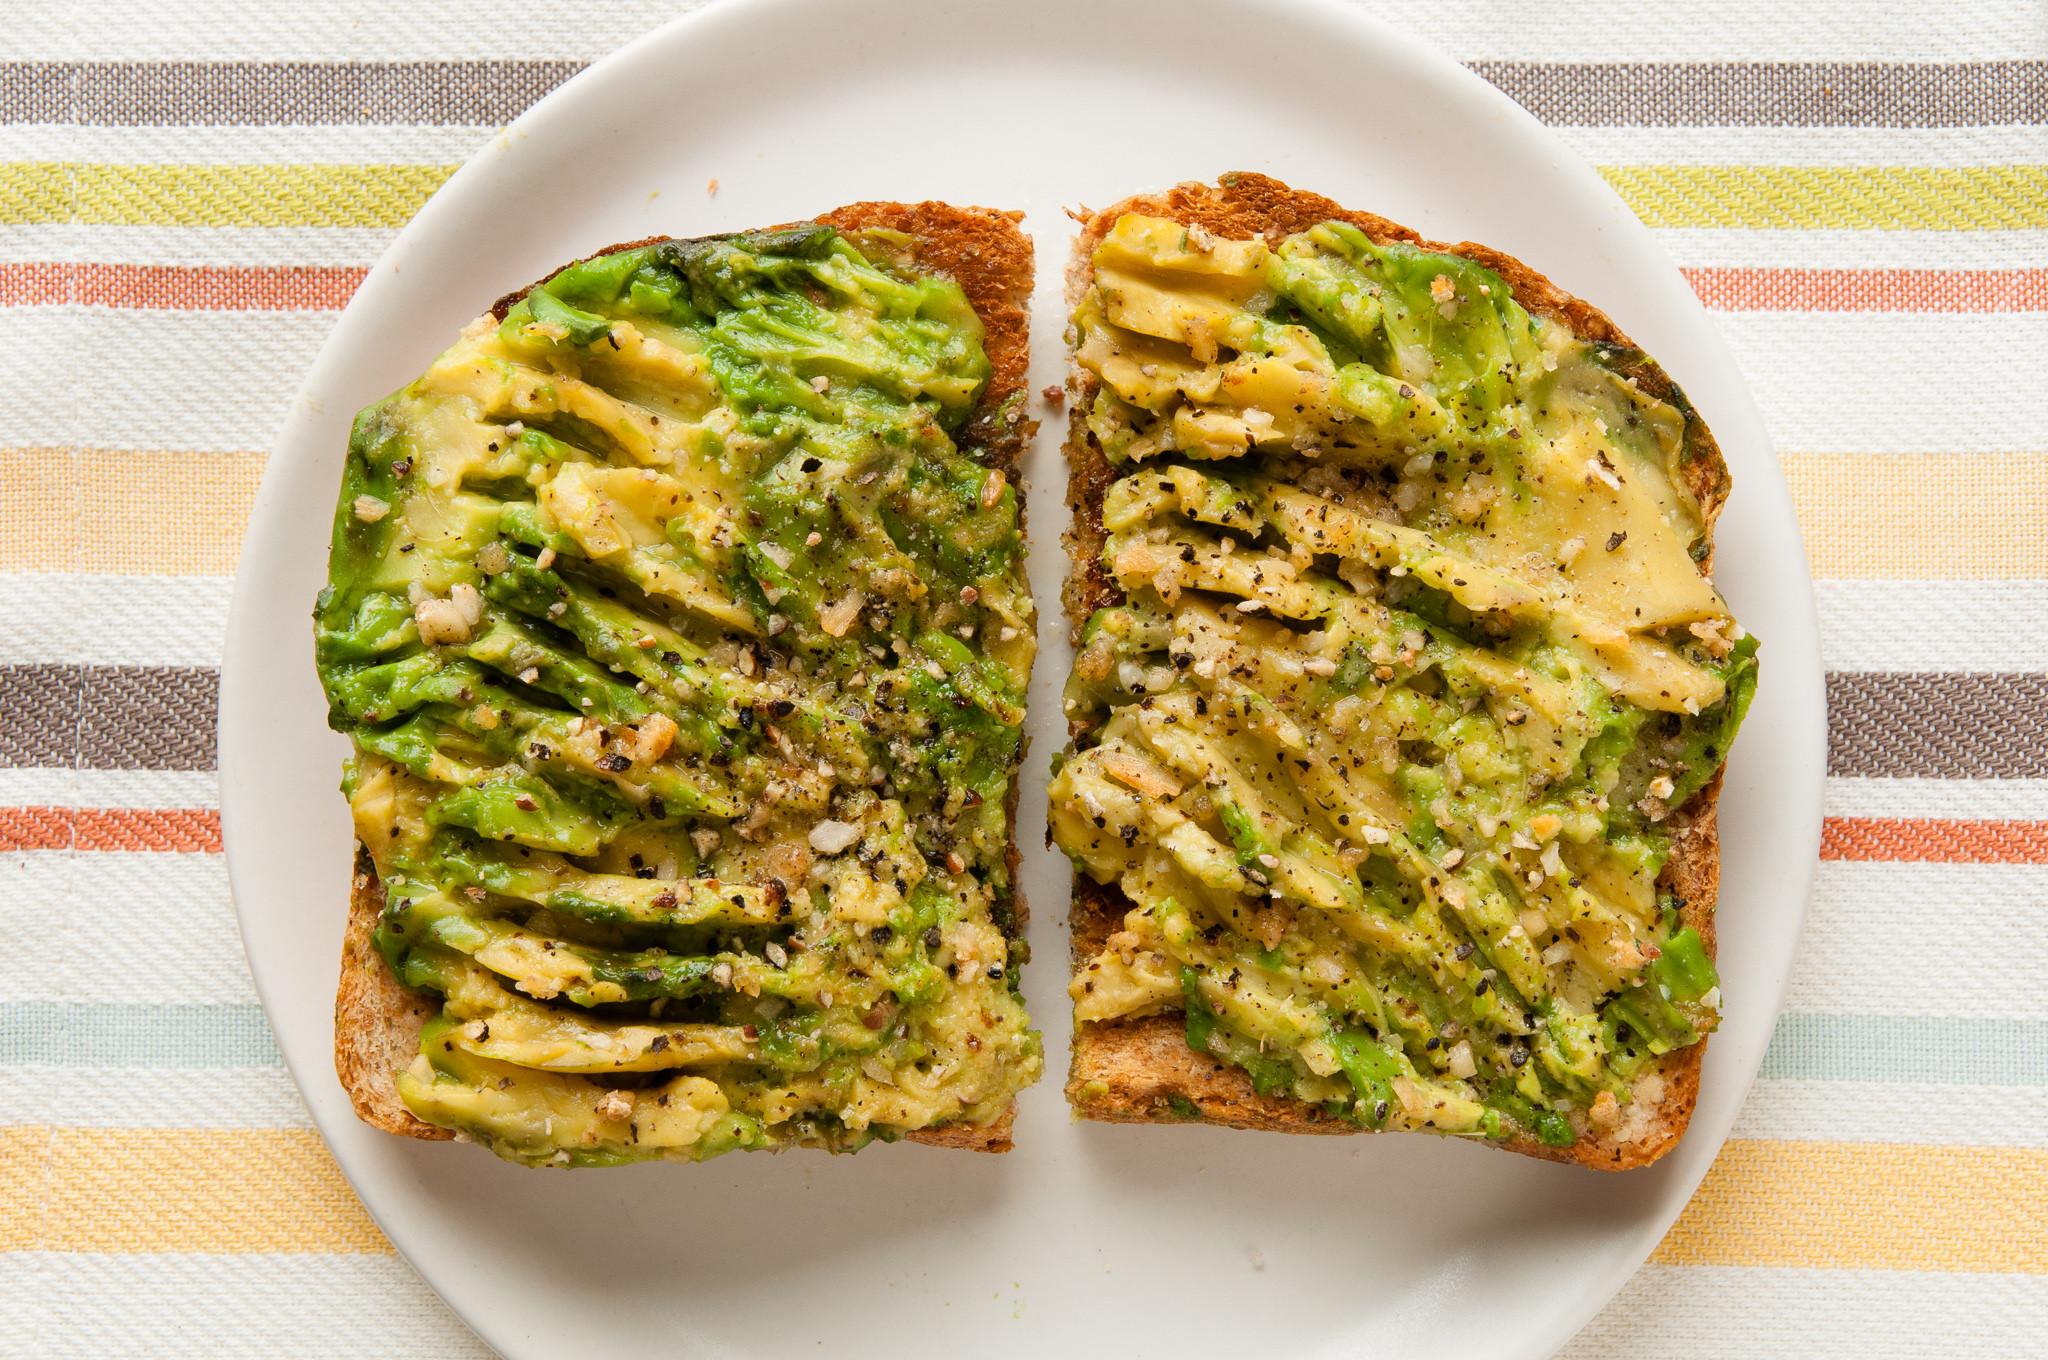 Healthy Avocado Breakfast  5 Things I Love About Avocado Toast I bake he shoots